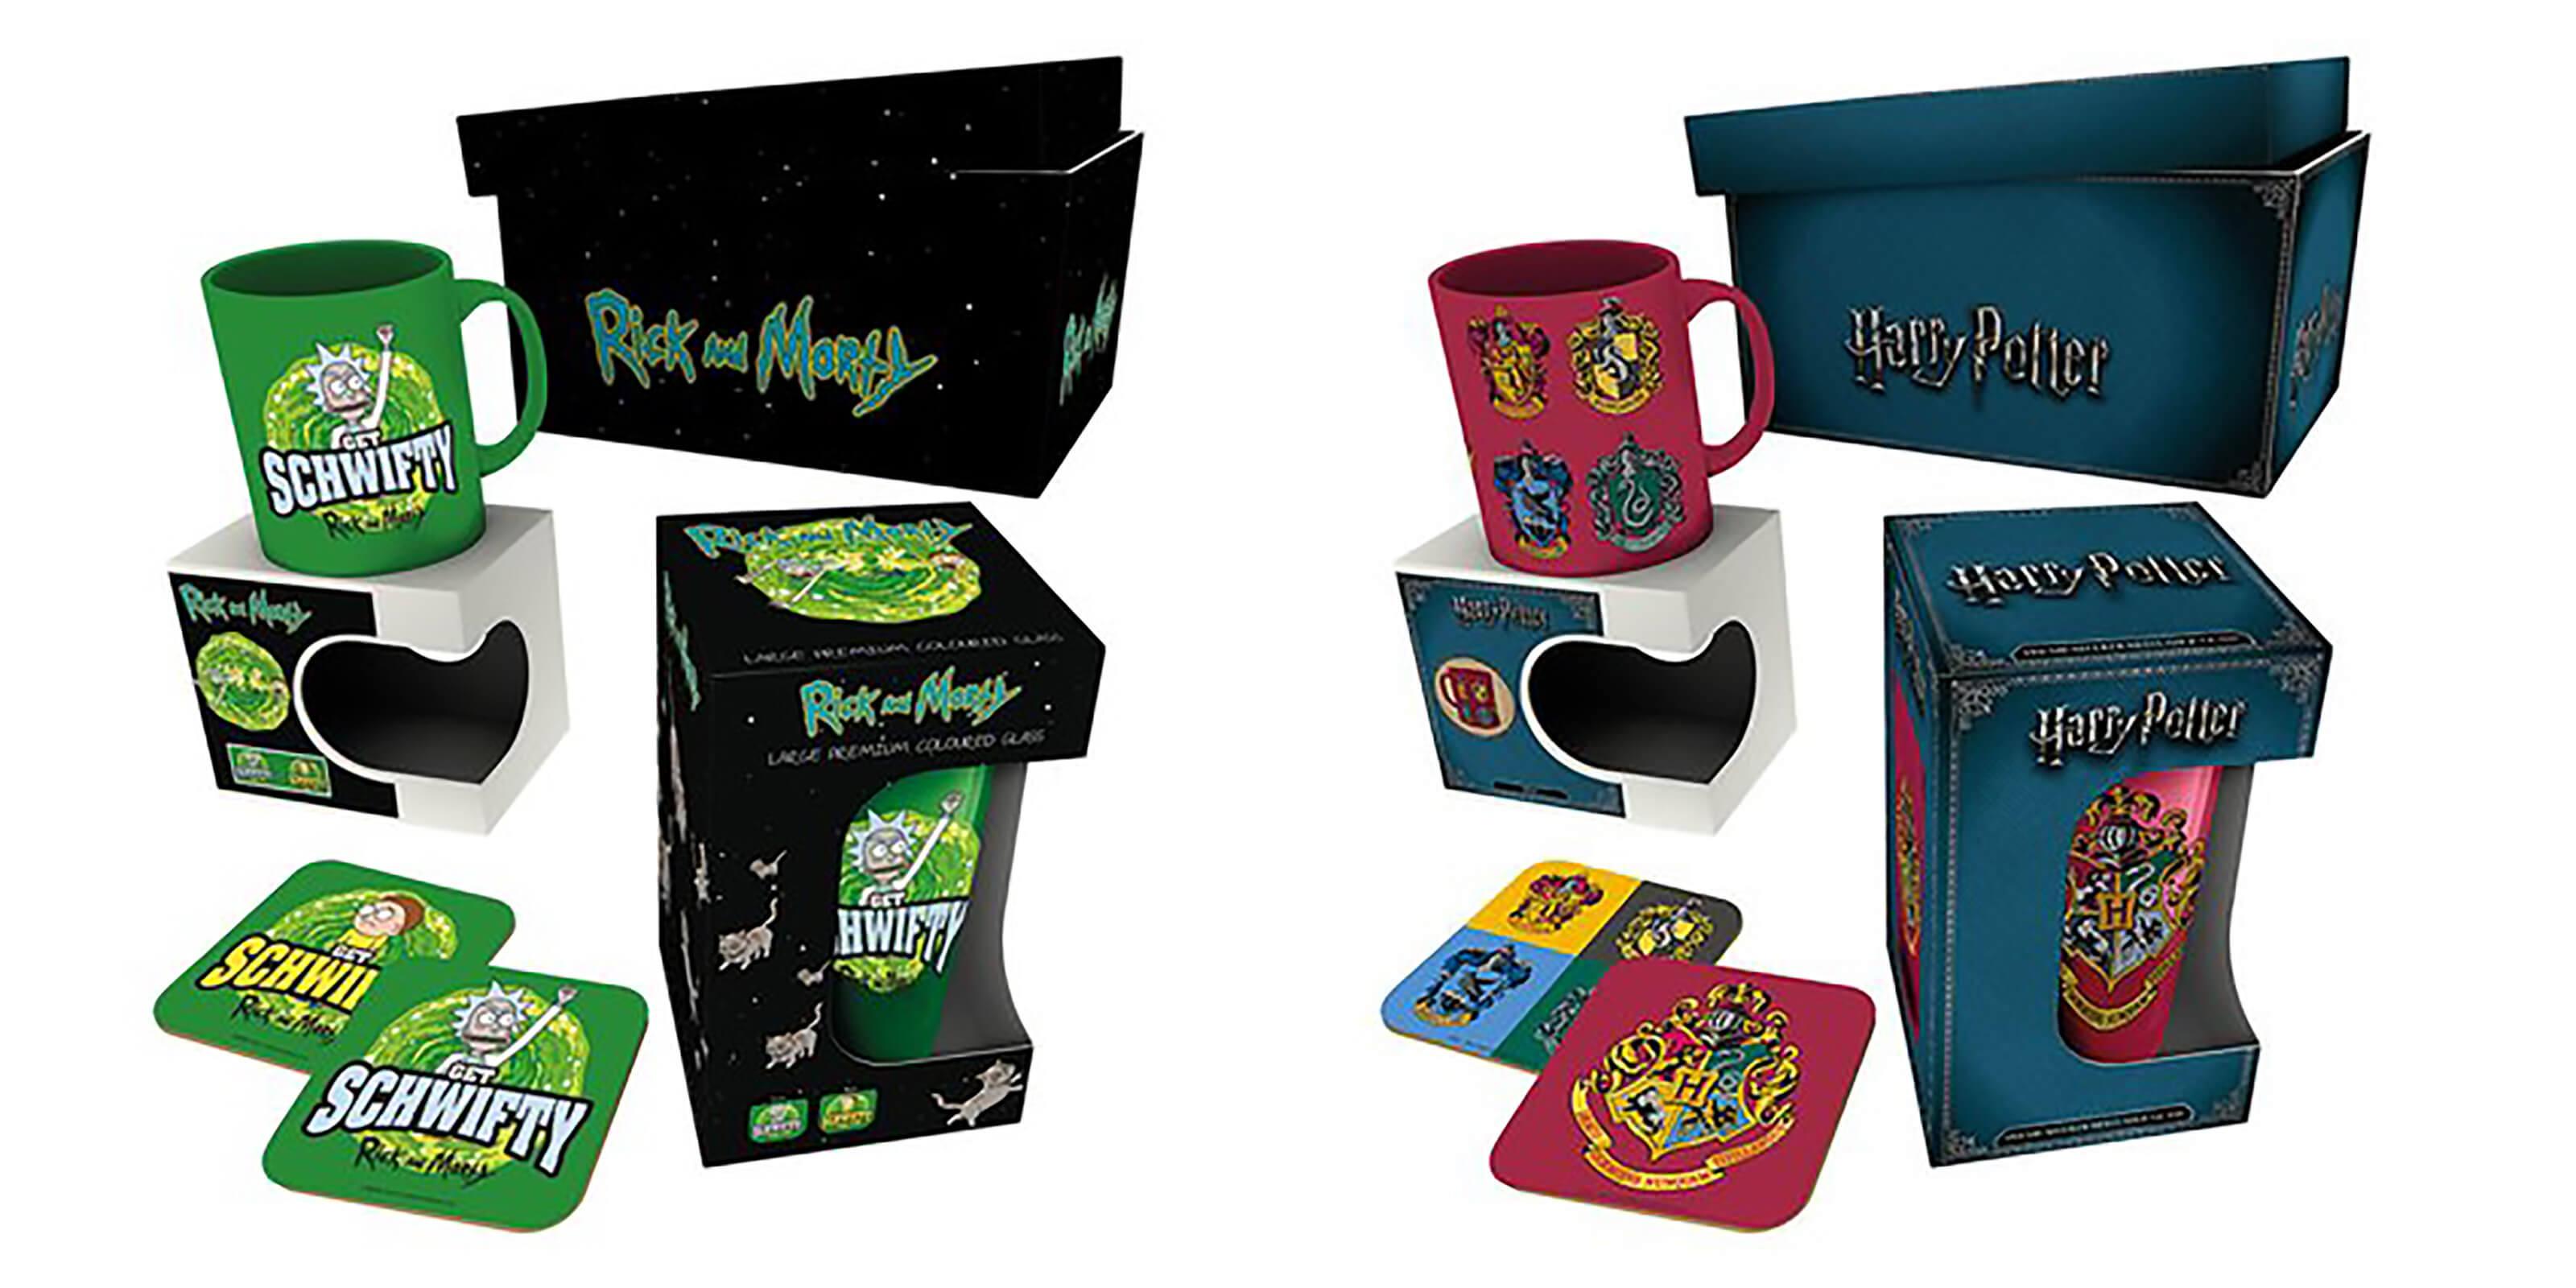 Merch-Geschenkbox für 11,99€ oder 2 für 18,99€, z.B. Rick and Morty oder Harry Potter (Box mit Aufdruck, Bierglas, Tasse, 2 Untersetzer)